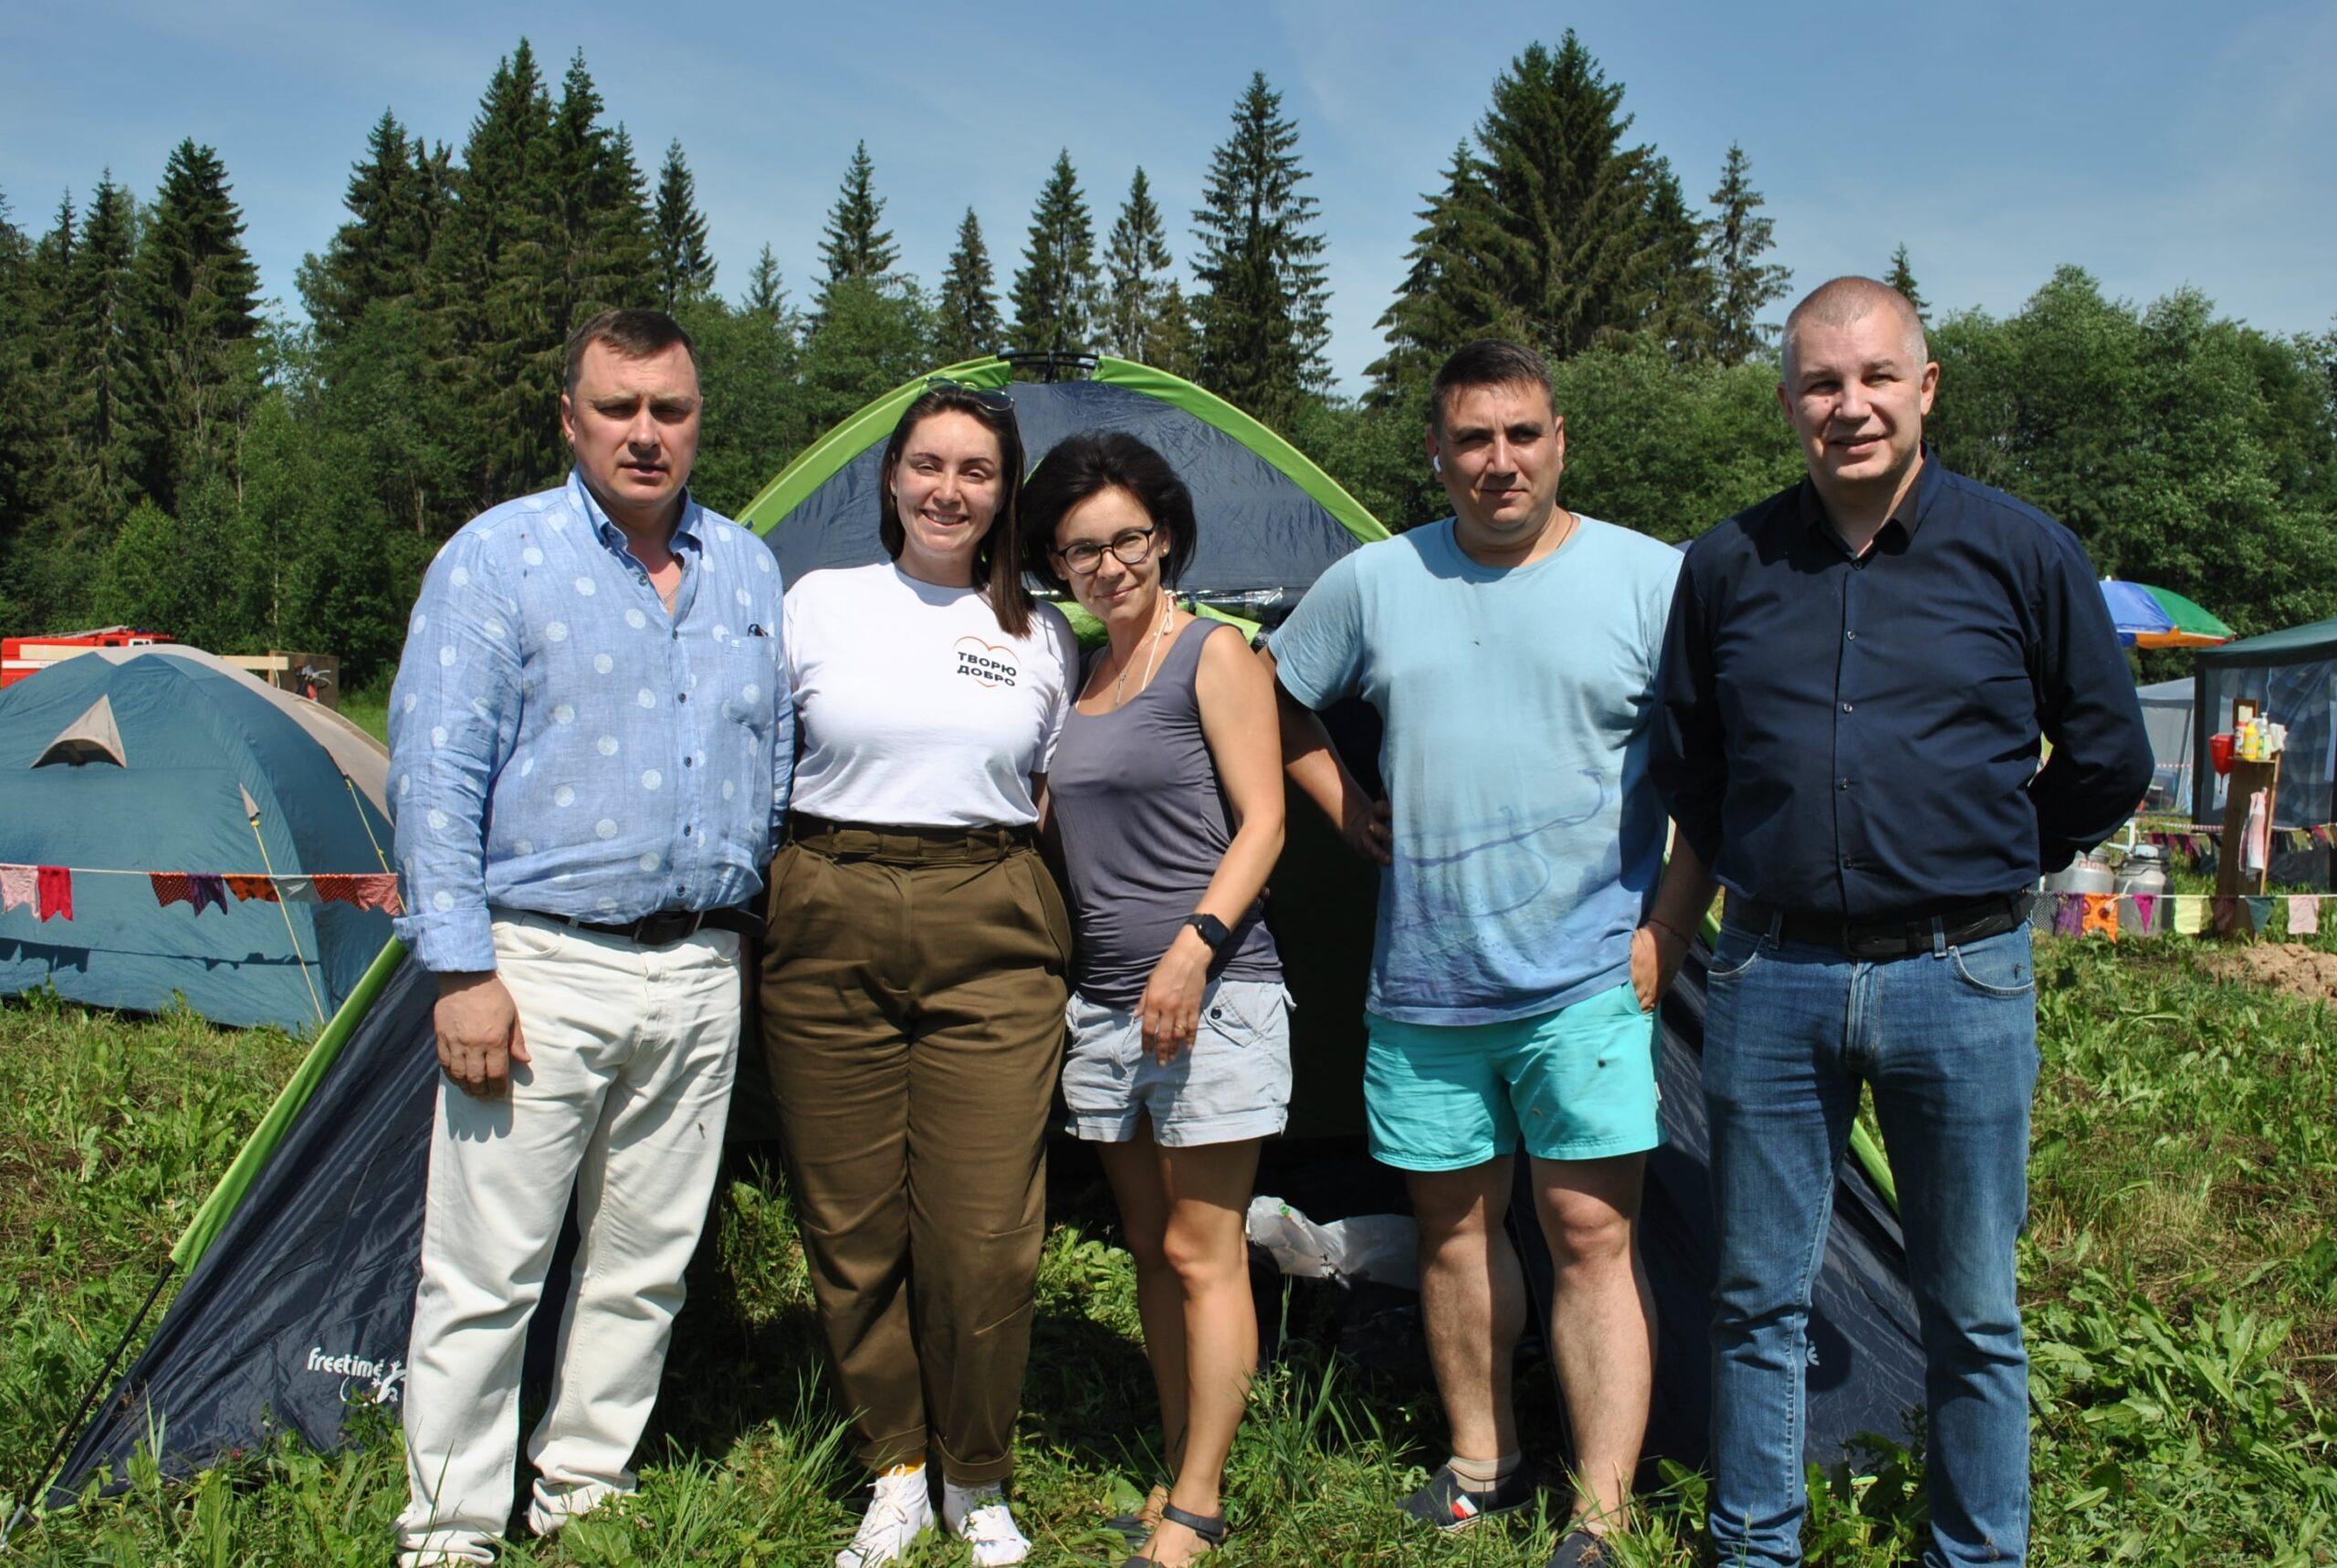 Юлия Саранова приехала на праздник спорта и здорового образа жизни в Тверской области